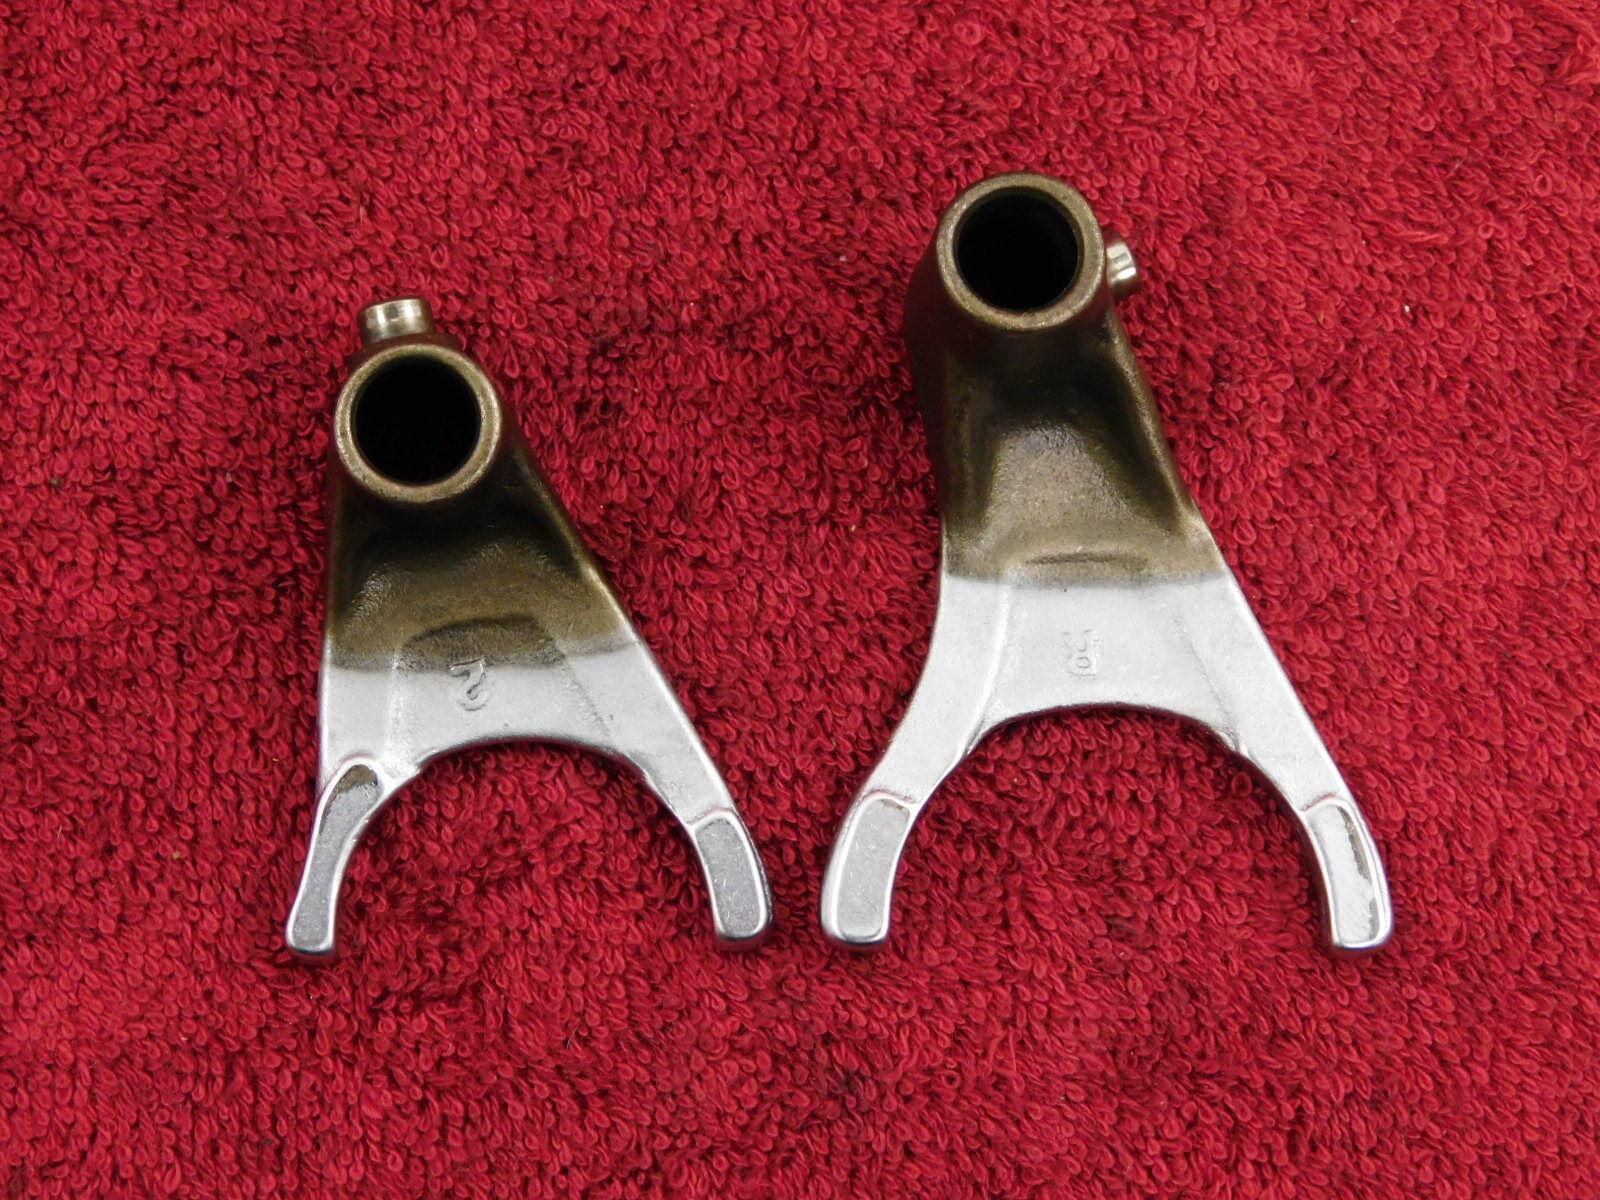 TWO ~ SHIFT FORKS 84-85 FJ1100 FJ 1100 <> 86-93 FJ1200 gear shifting fork # 2&3